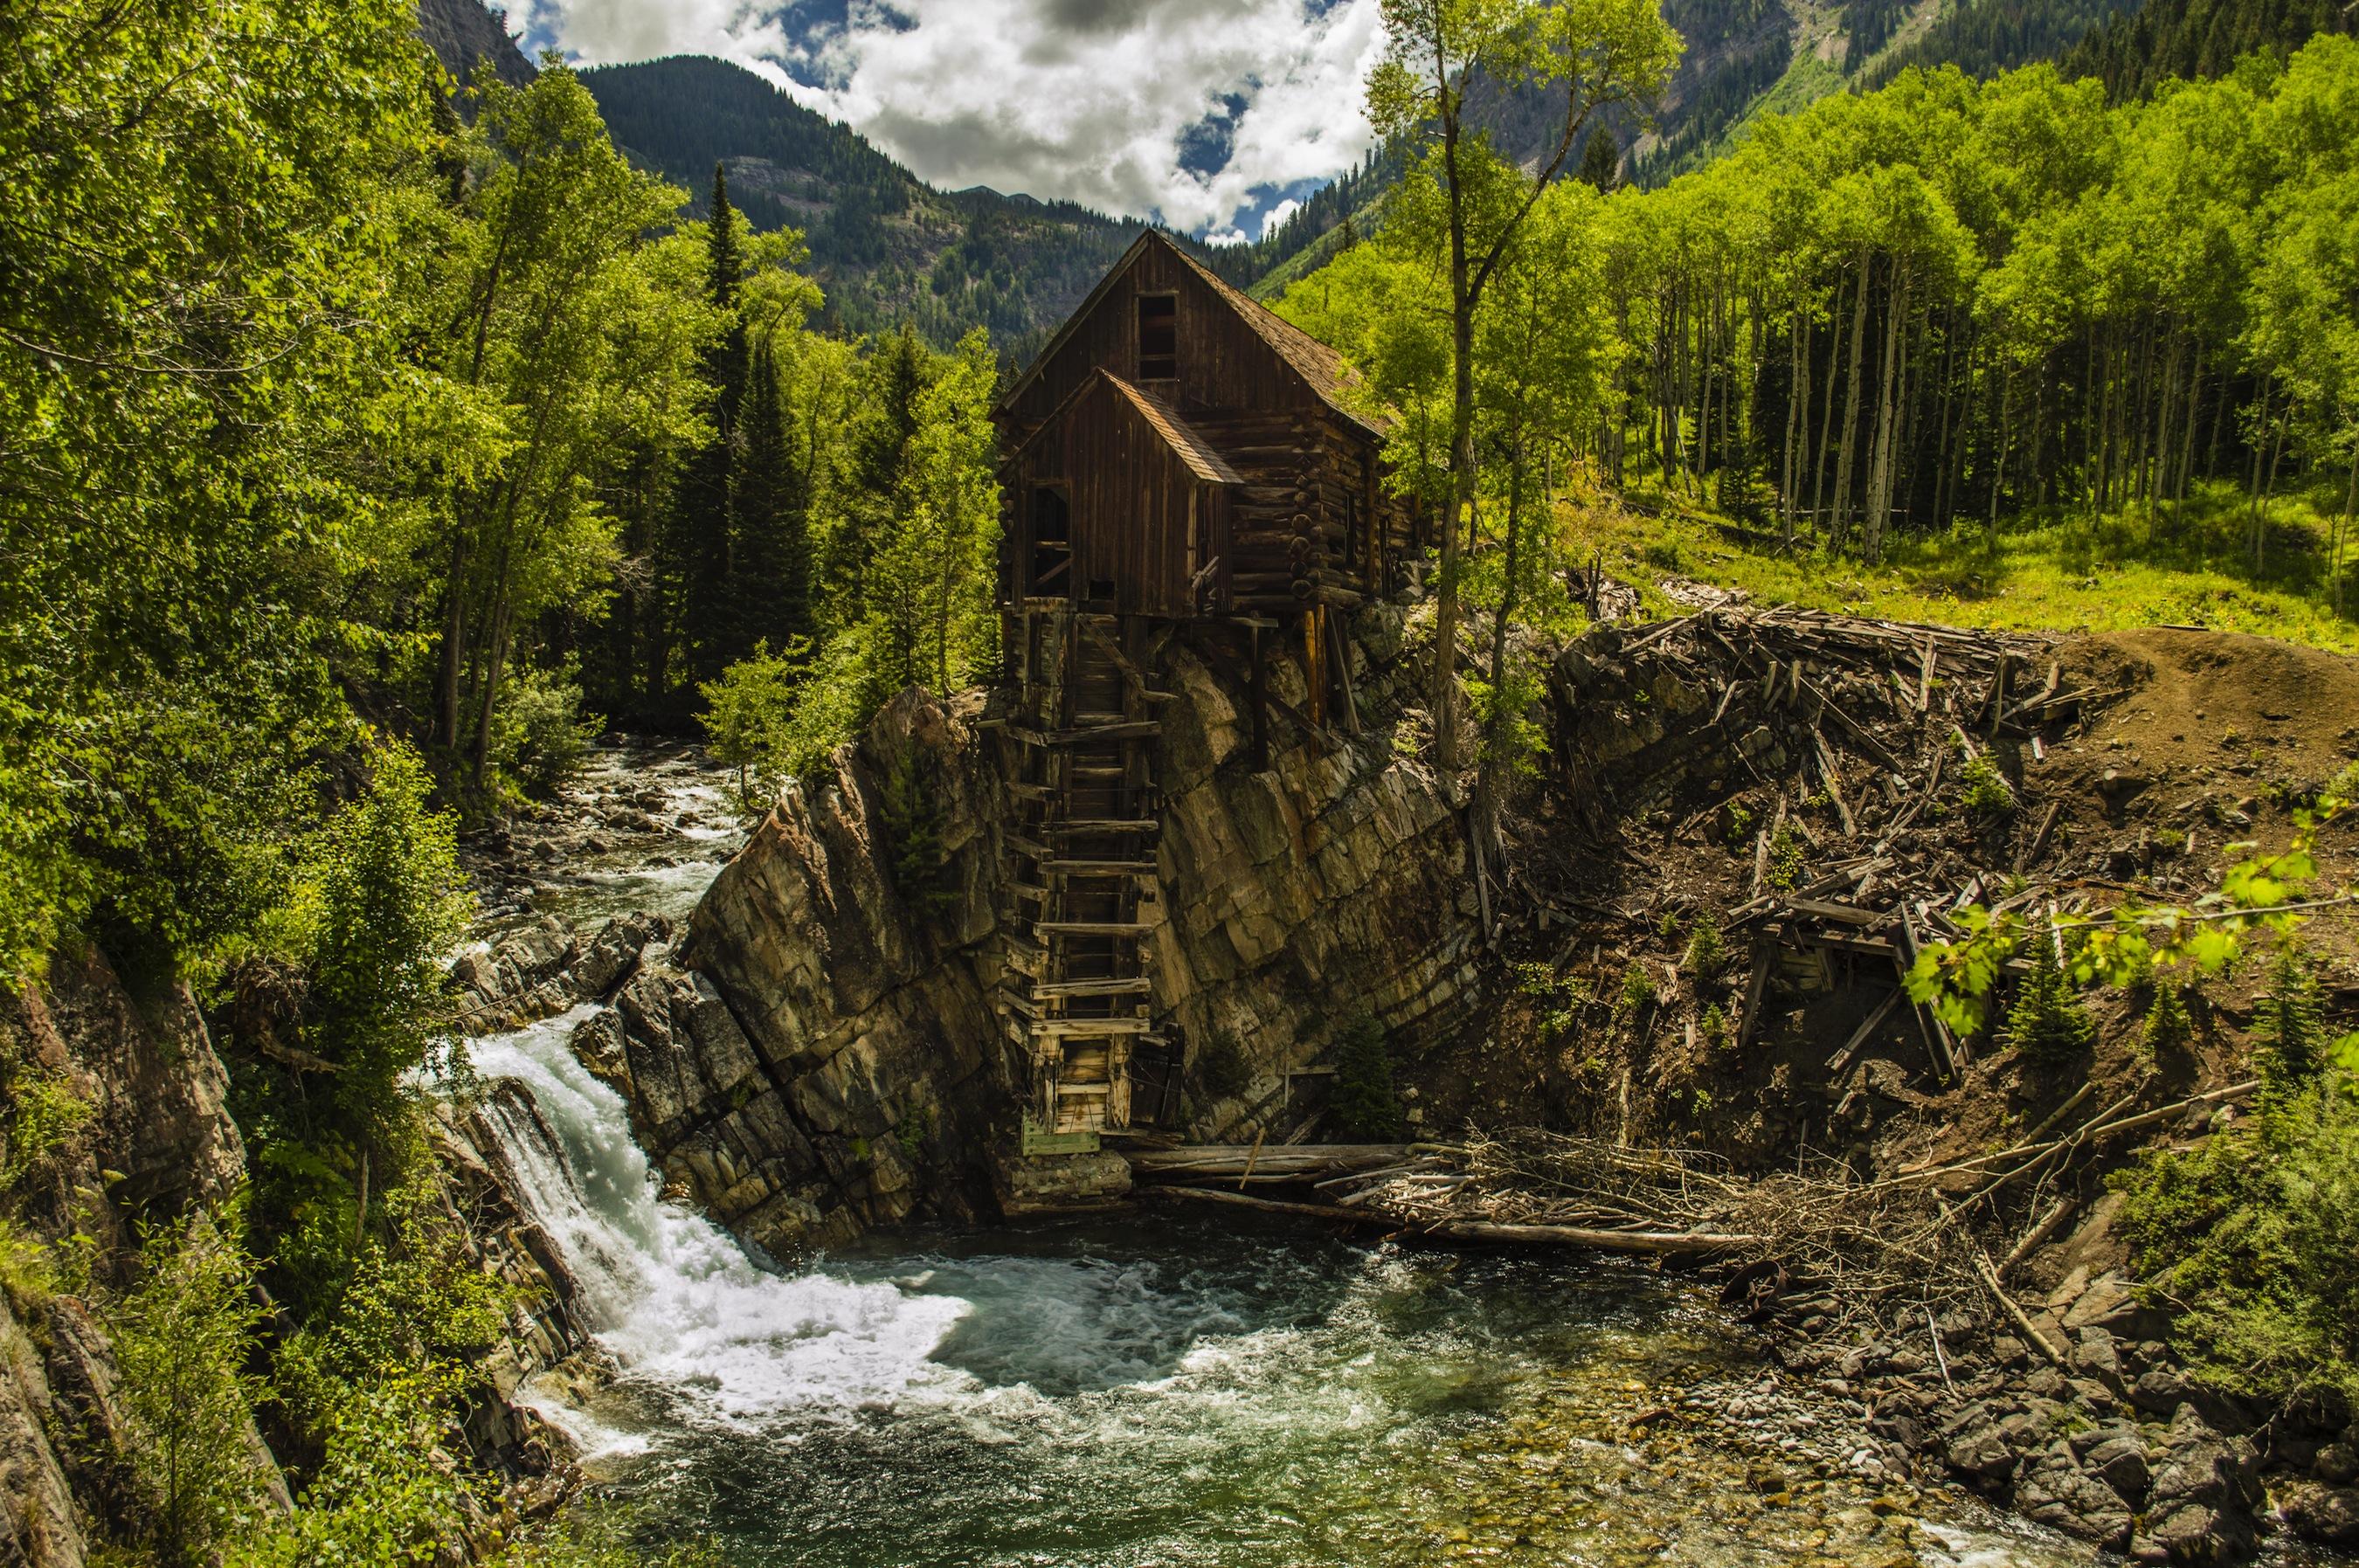 Waldhütte papiers peints photo appliqué sur le mur